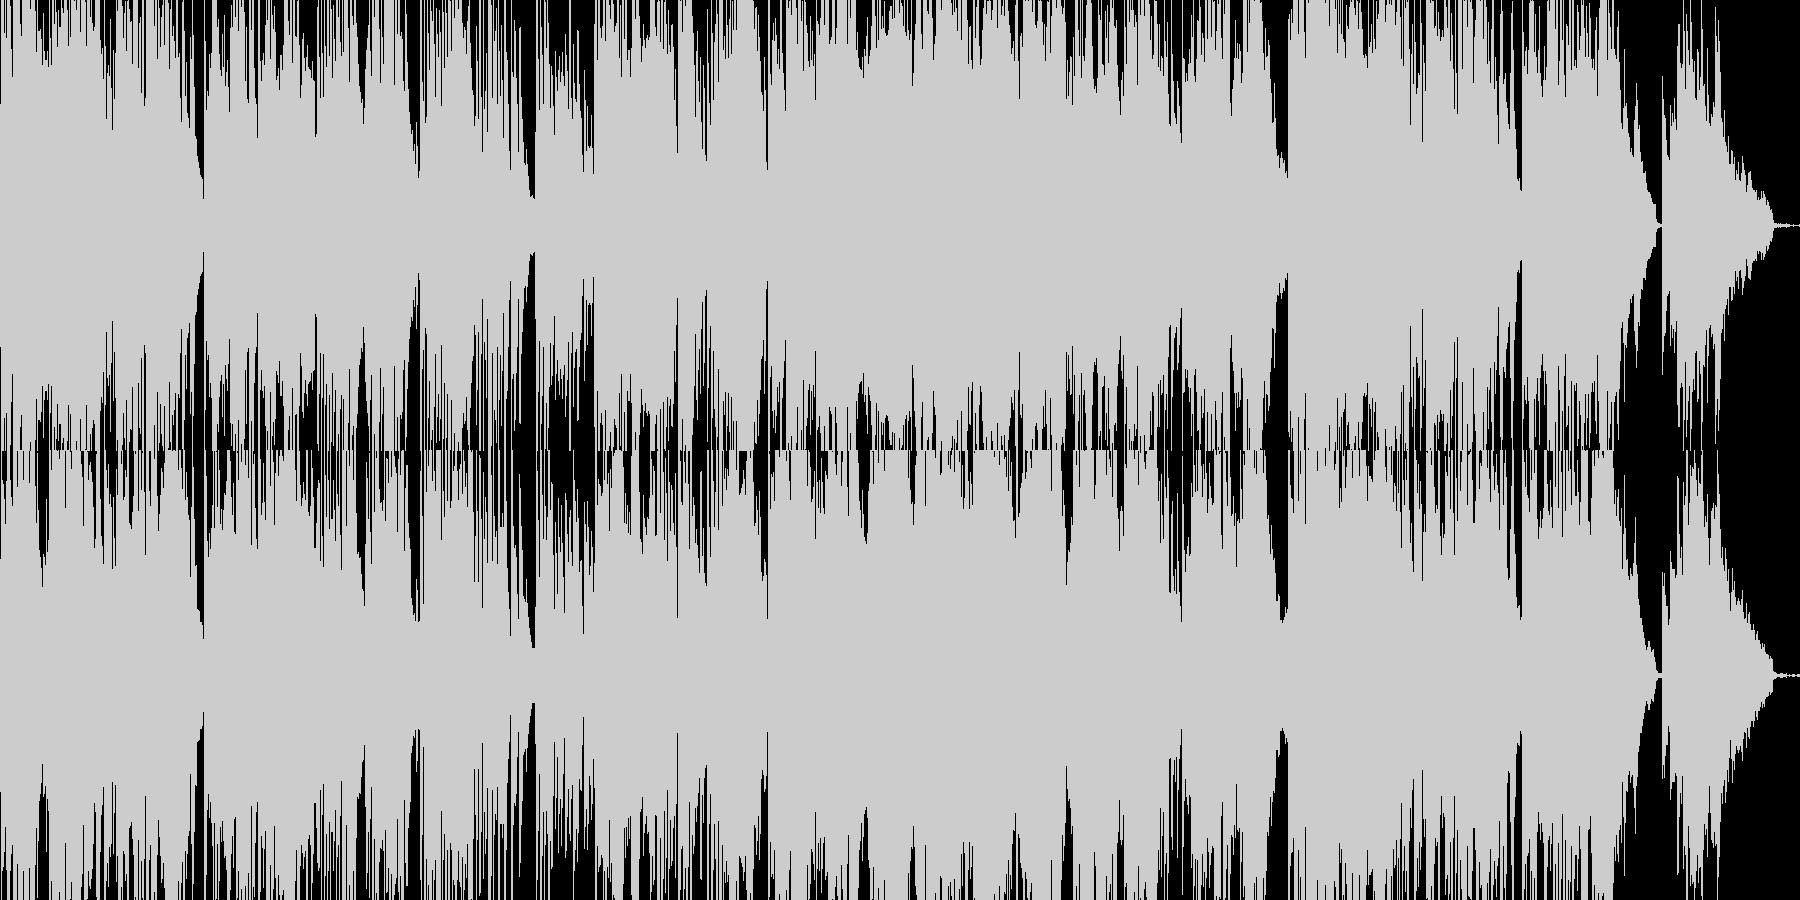 回想シーン等にも最適、情感溢れるピアノの未再生の波形